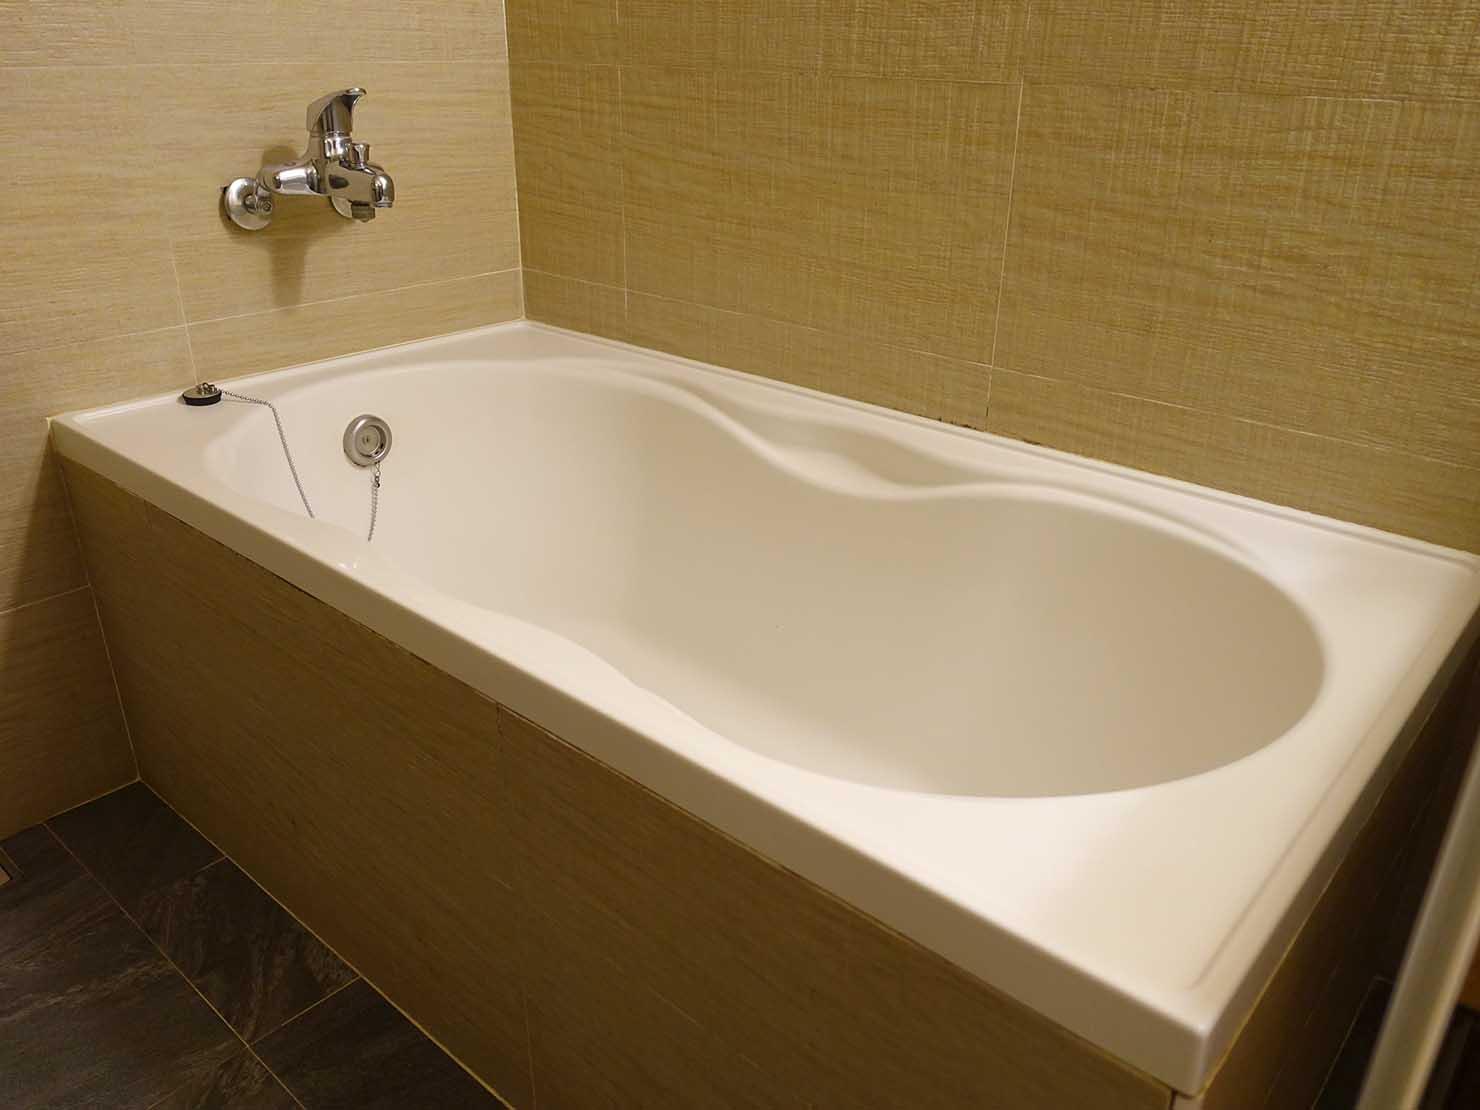 台北・九份のおすすめゲストハウス「九份小町」海景套房(オーシャンビュー・ダブルルーム)バスルームのバスタブ